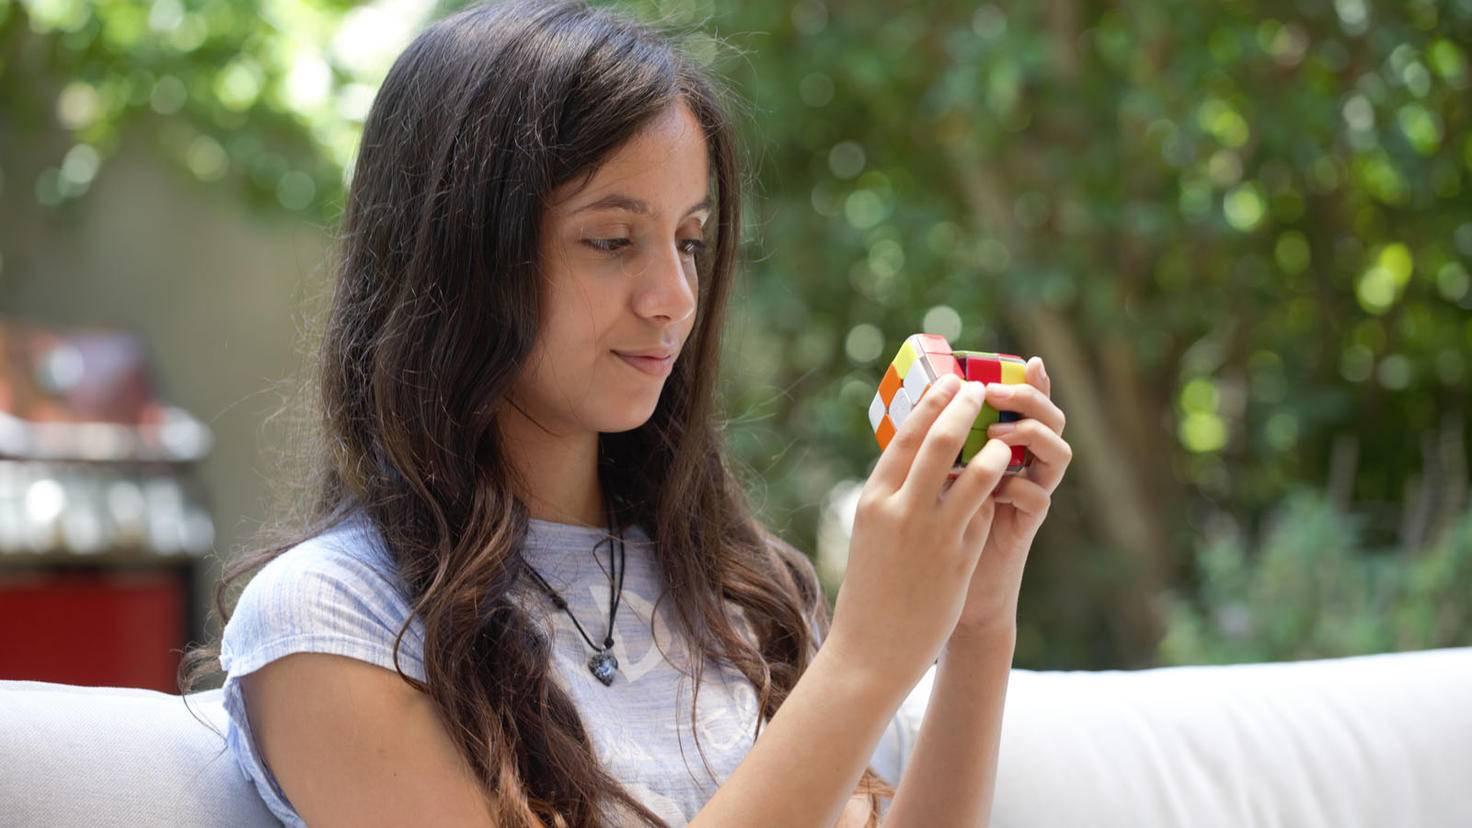 Mit GoCube wird jeder zum Rubik-Würfel-Meister.